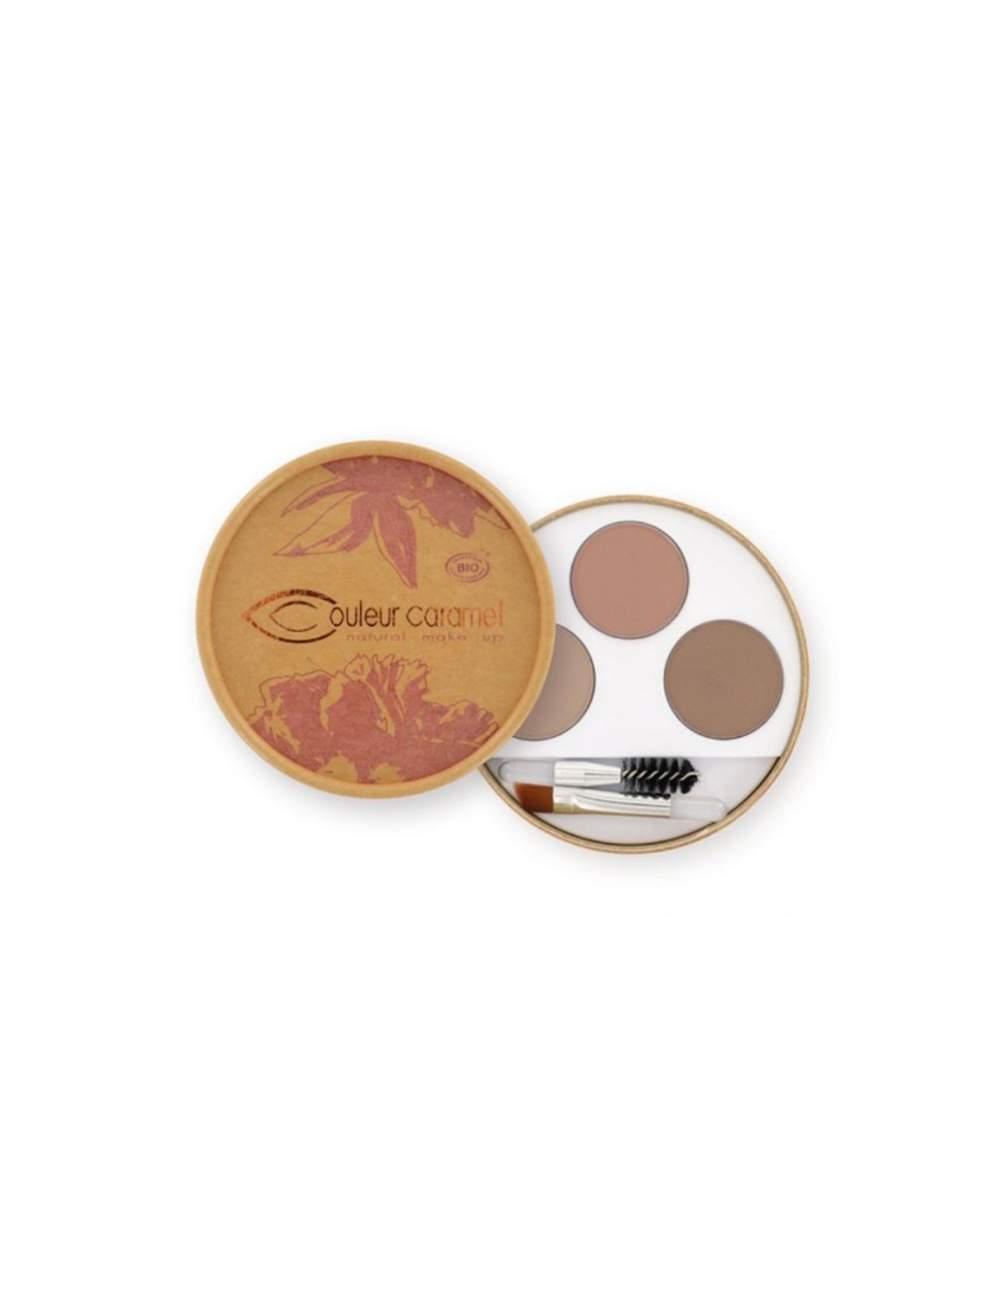 Kit de Maquillage de Sourcils Bio 28 Blonde. Couleur Caramel